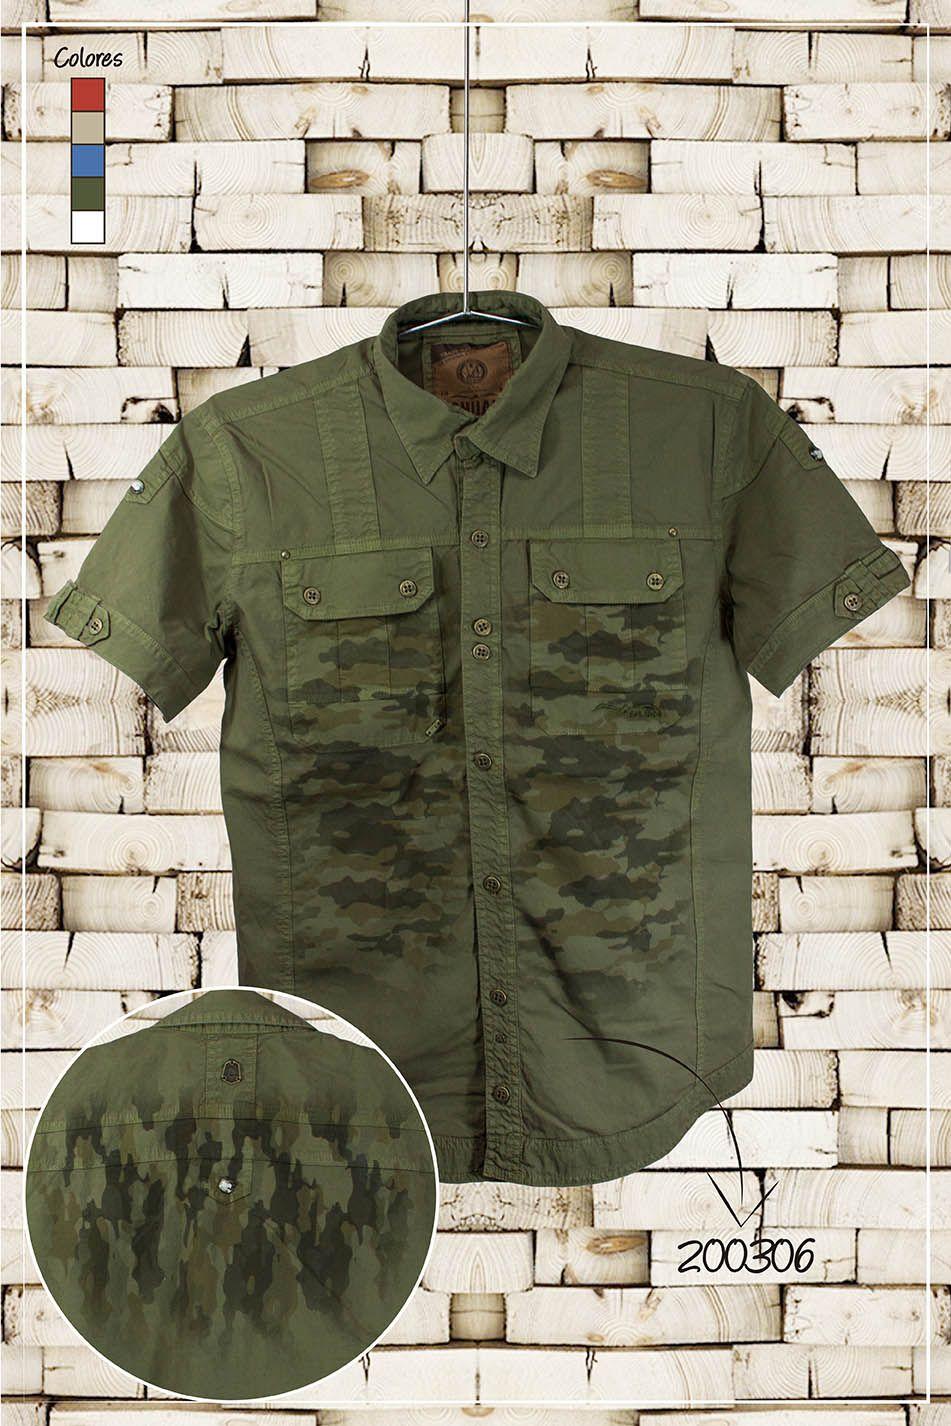 Ropa-de-moda-camisa-manga-corta-color-verde-militar-con-estampado-camuflado-ref200306